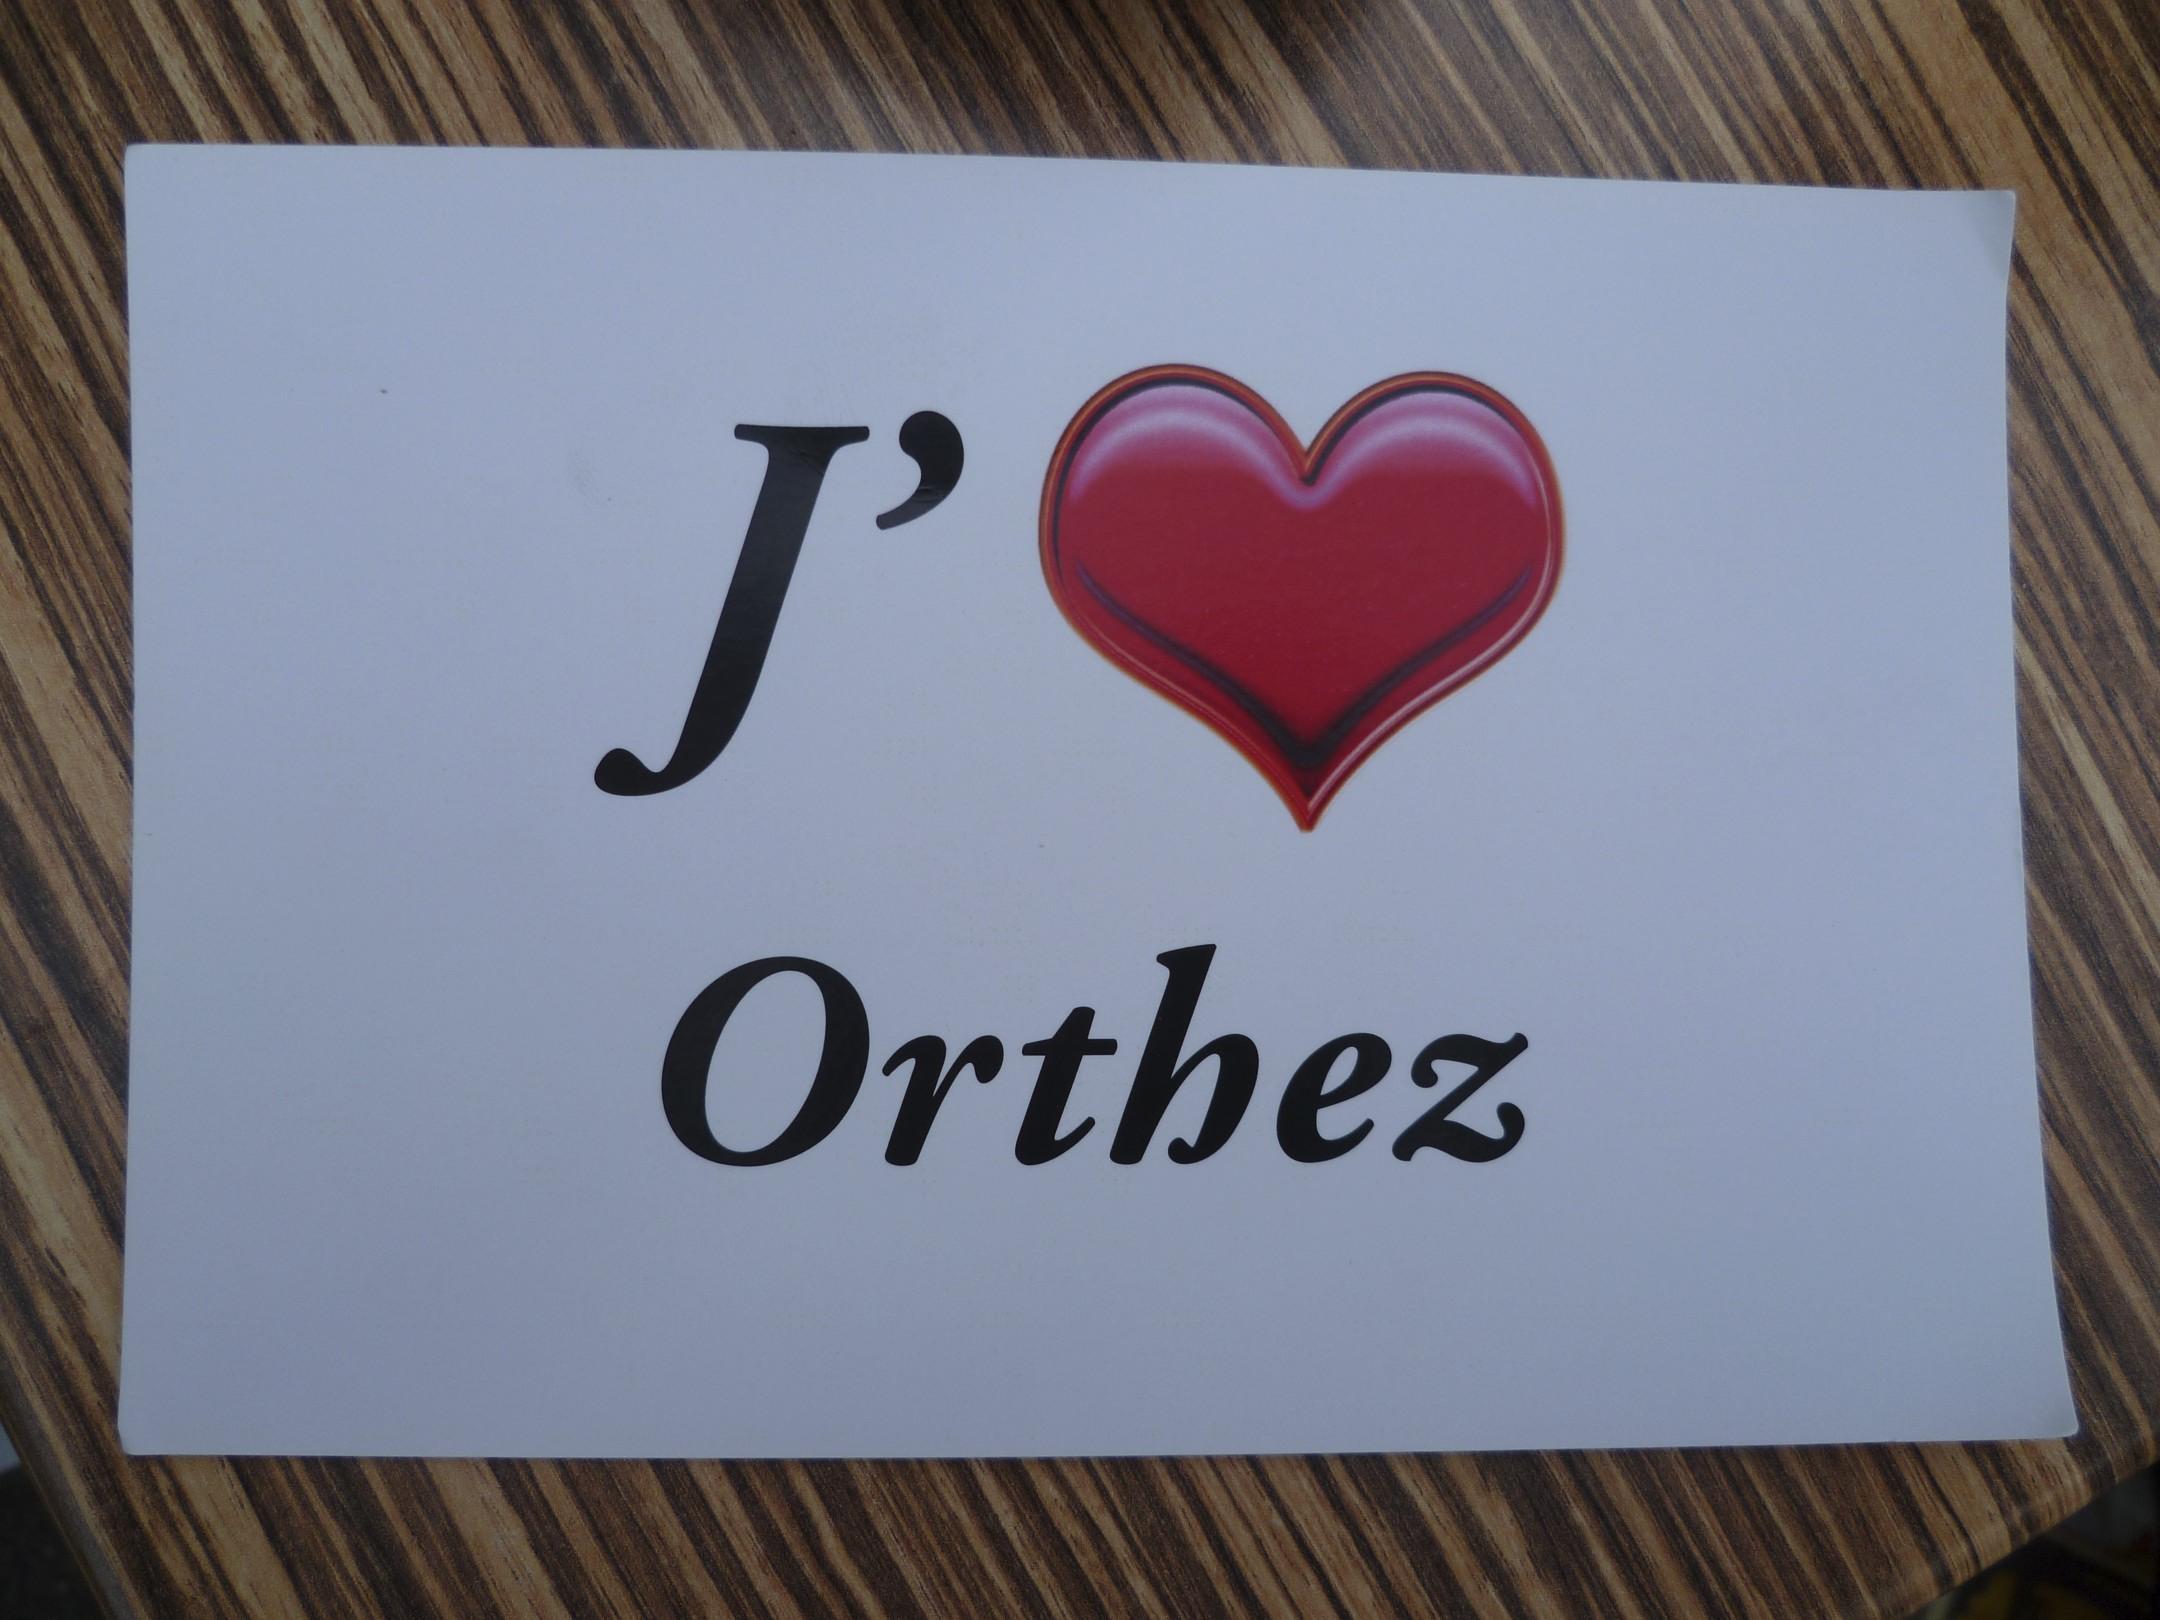 carte postale Orthez